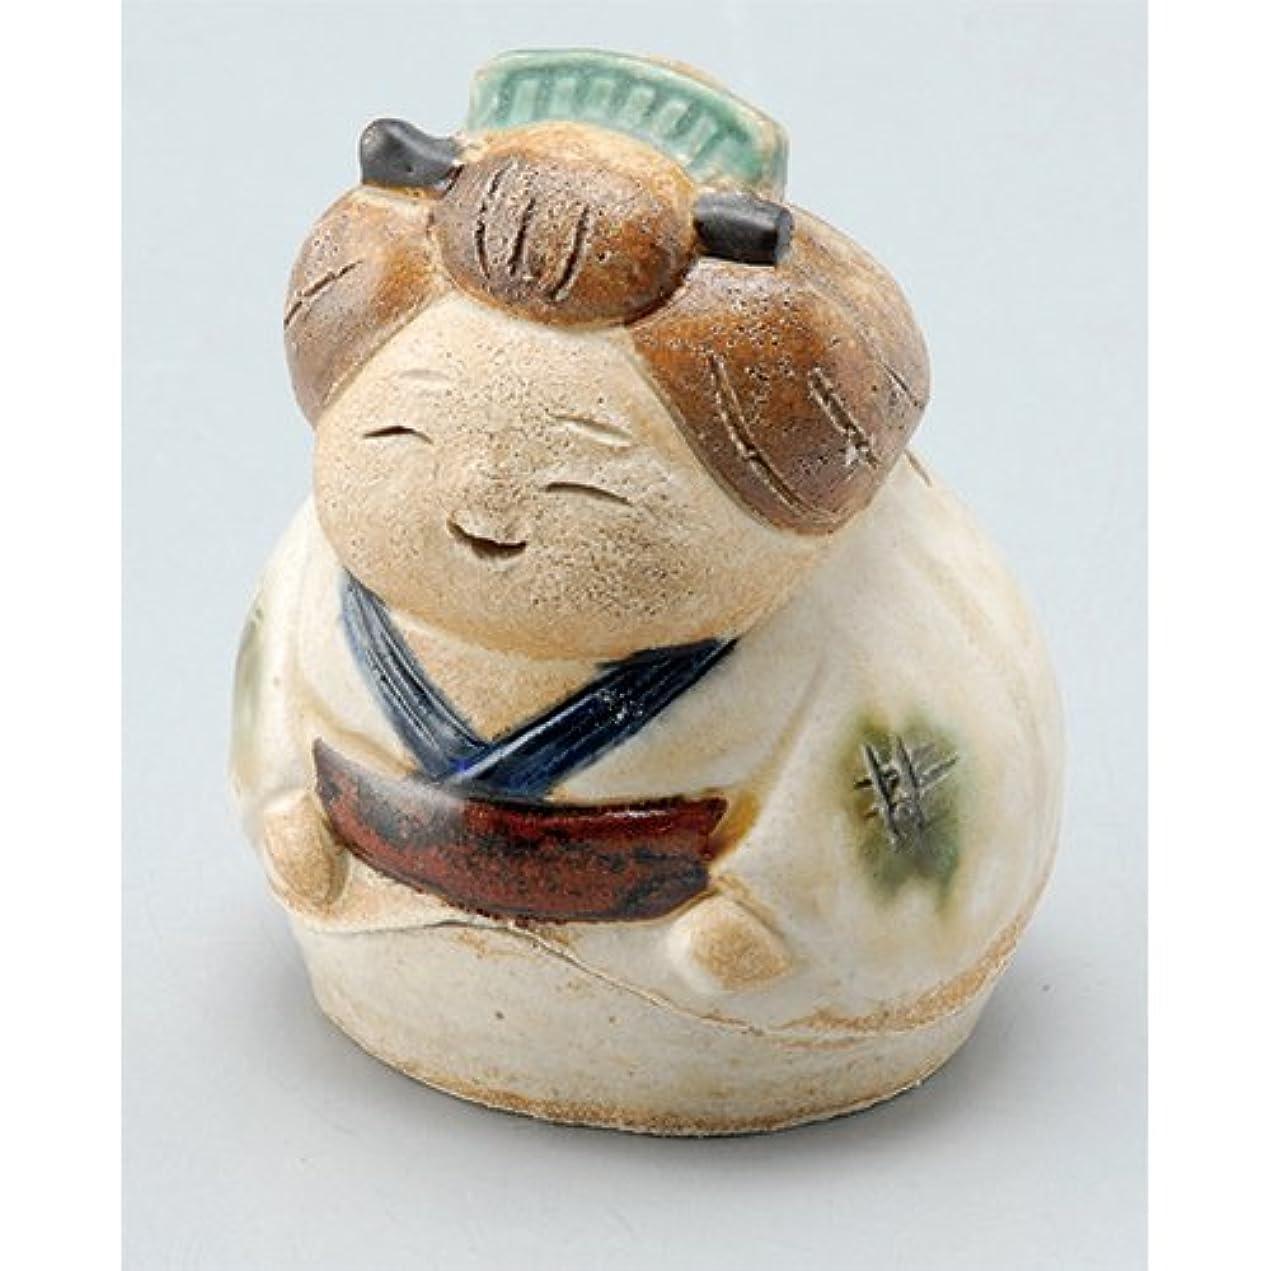 コピー天文学変な香炉 飾り香炉(お多福) [H7cm] HANDMADE プレゼント ギフト 和食器 かわいい インテリア